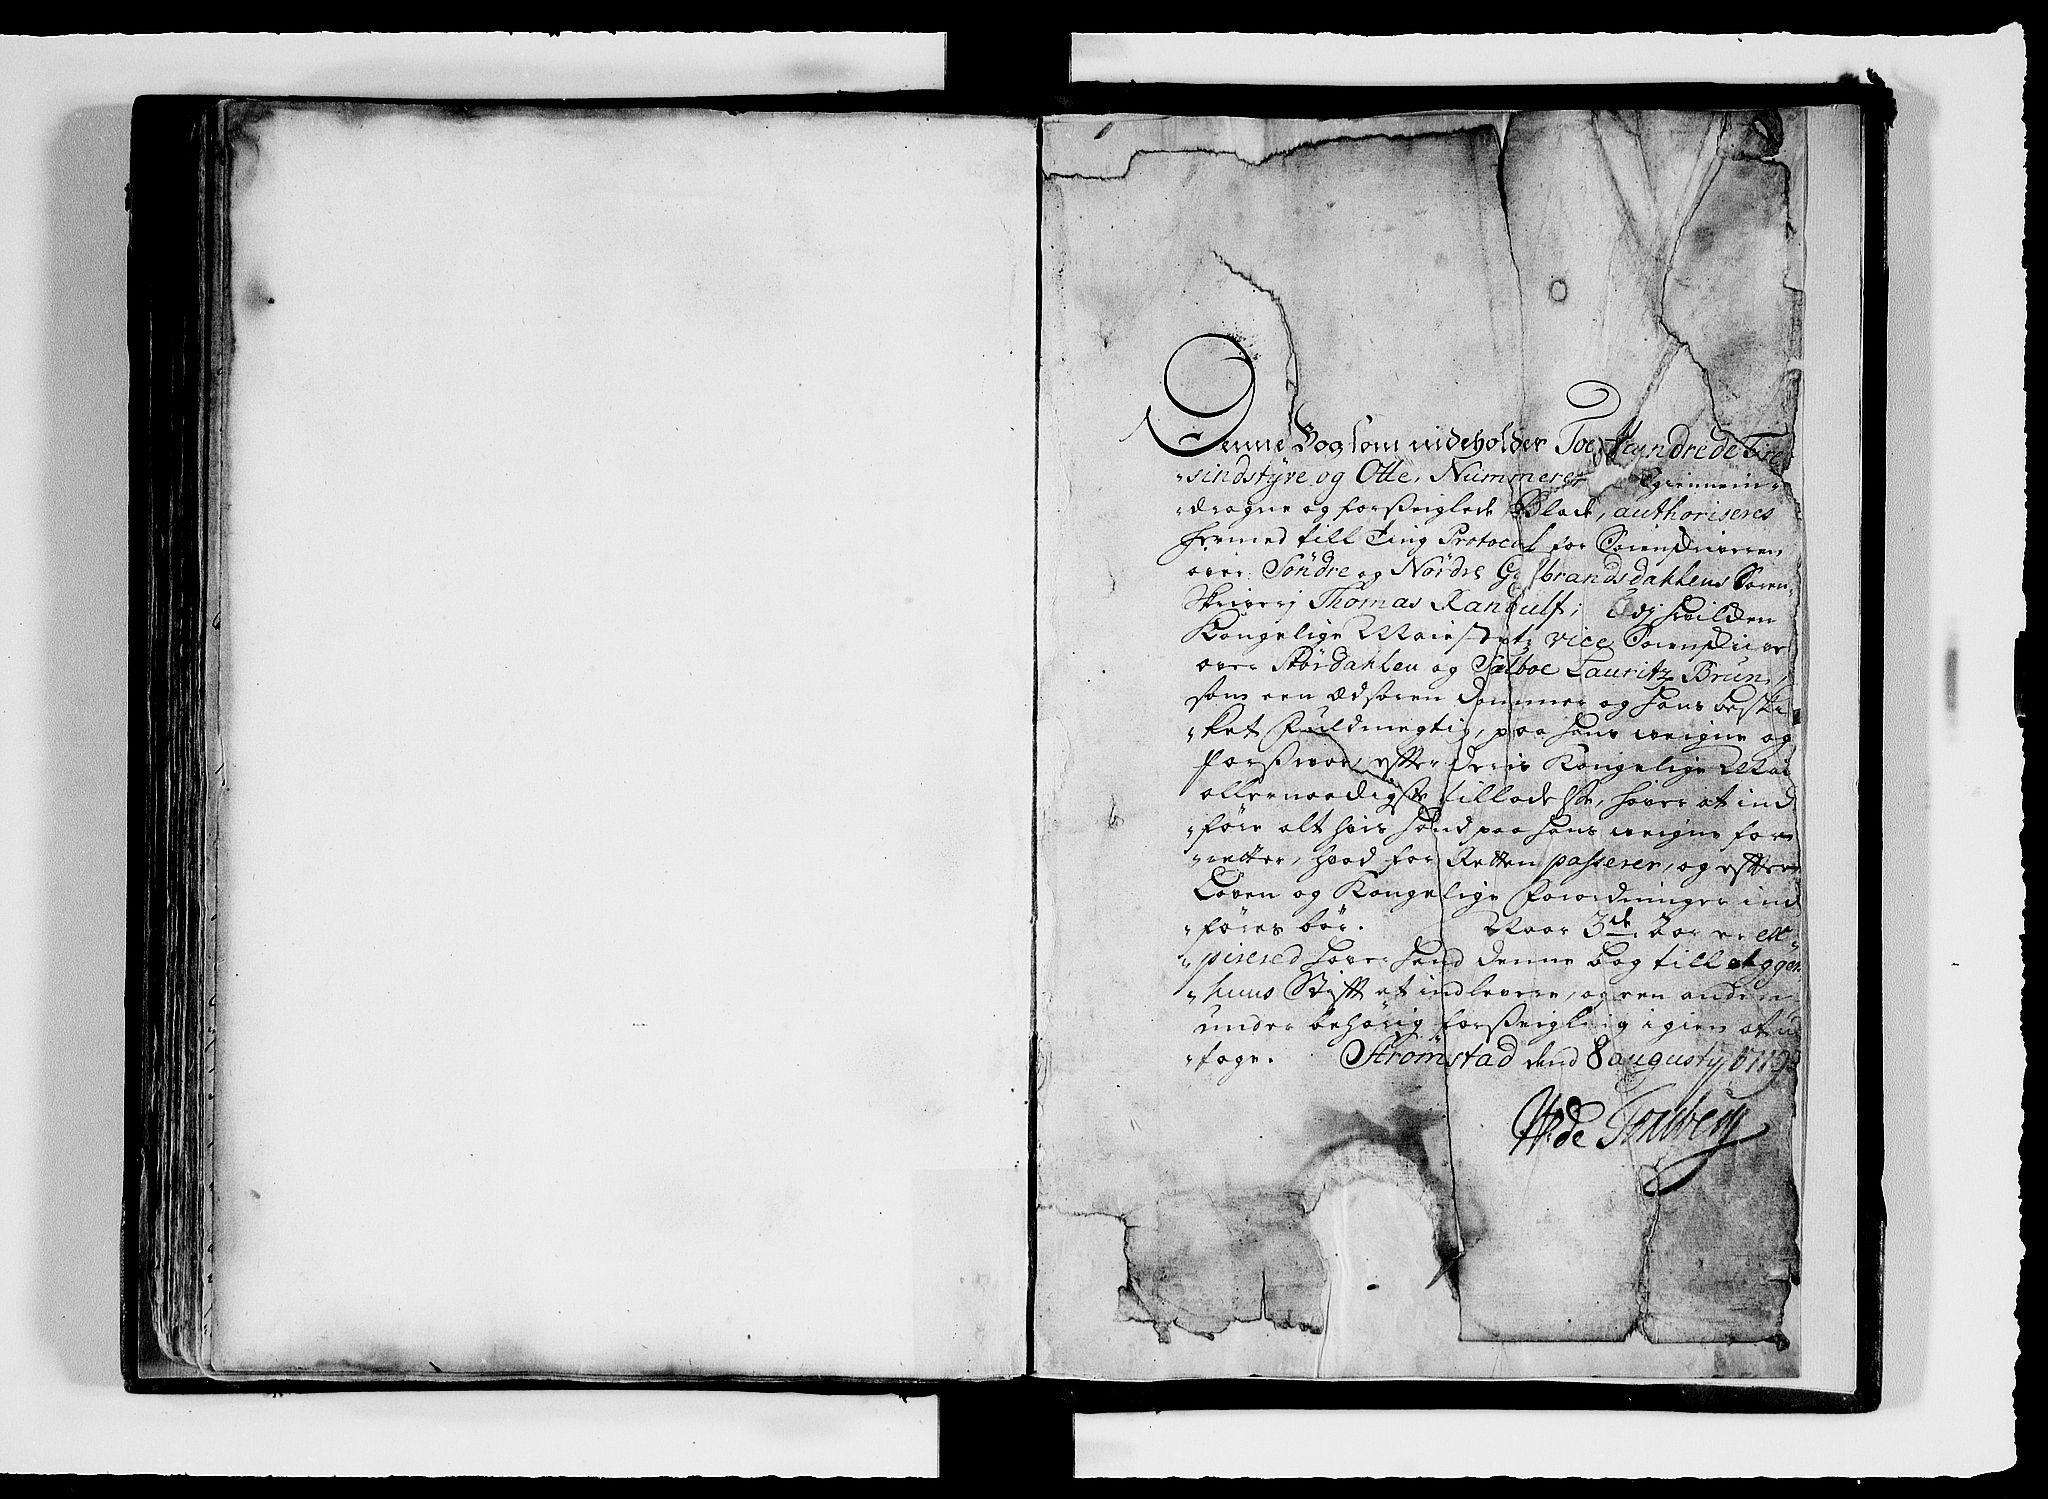 SAH, Sorenskriverier i Gudbrandsdalen, G/Gb/Gbc/L0007: Tingbok - Nord- og Sør-Gudbrandsdal, 1719-1720